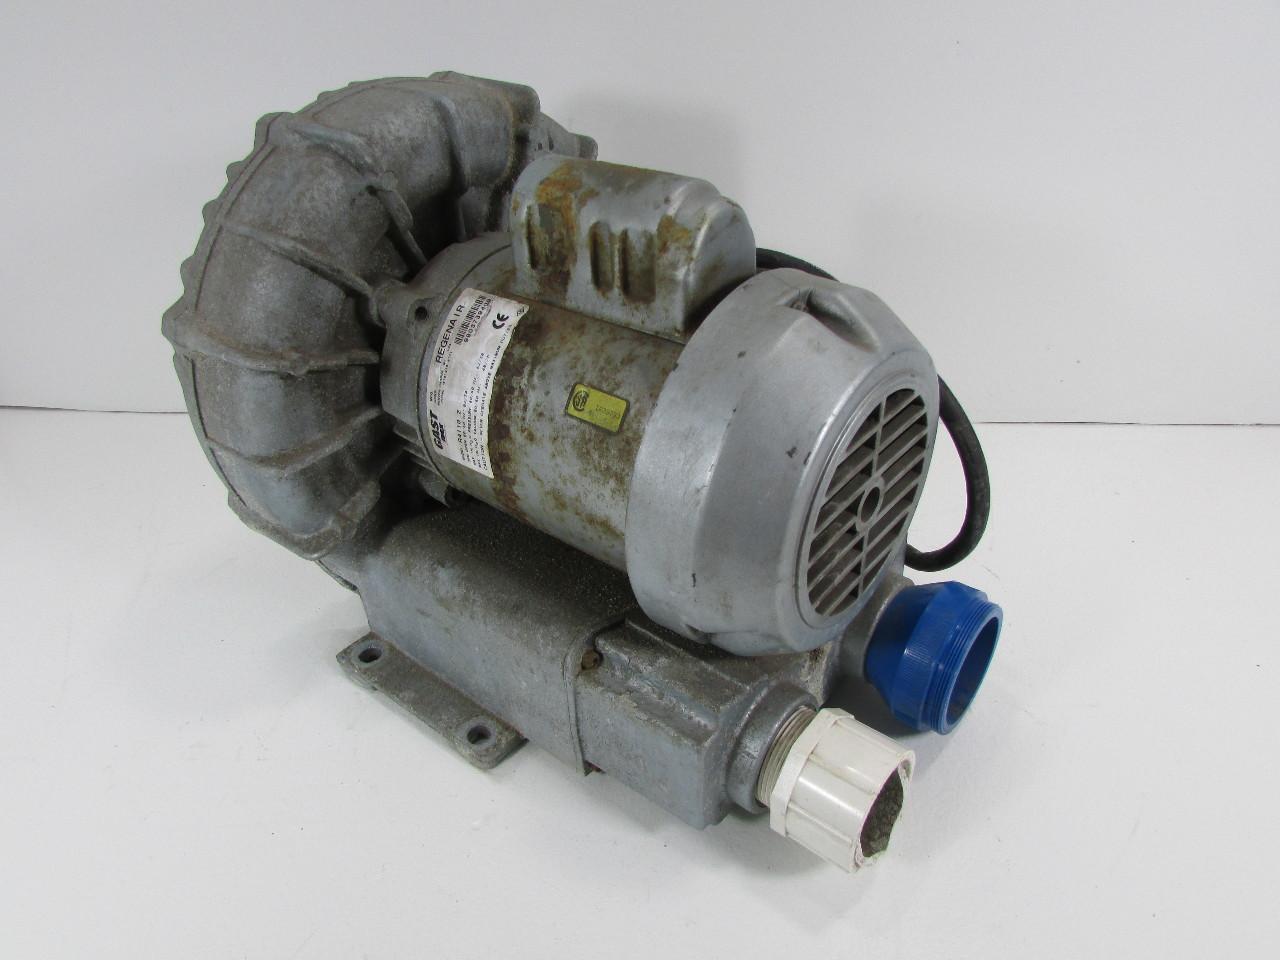 Gast R4110 2 Blower Motor W Regenerative Fan 9 8 4 9a